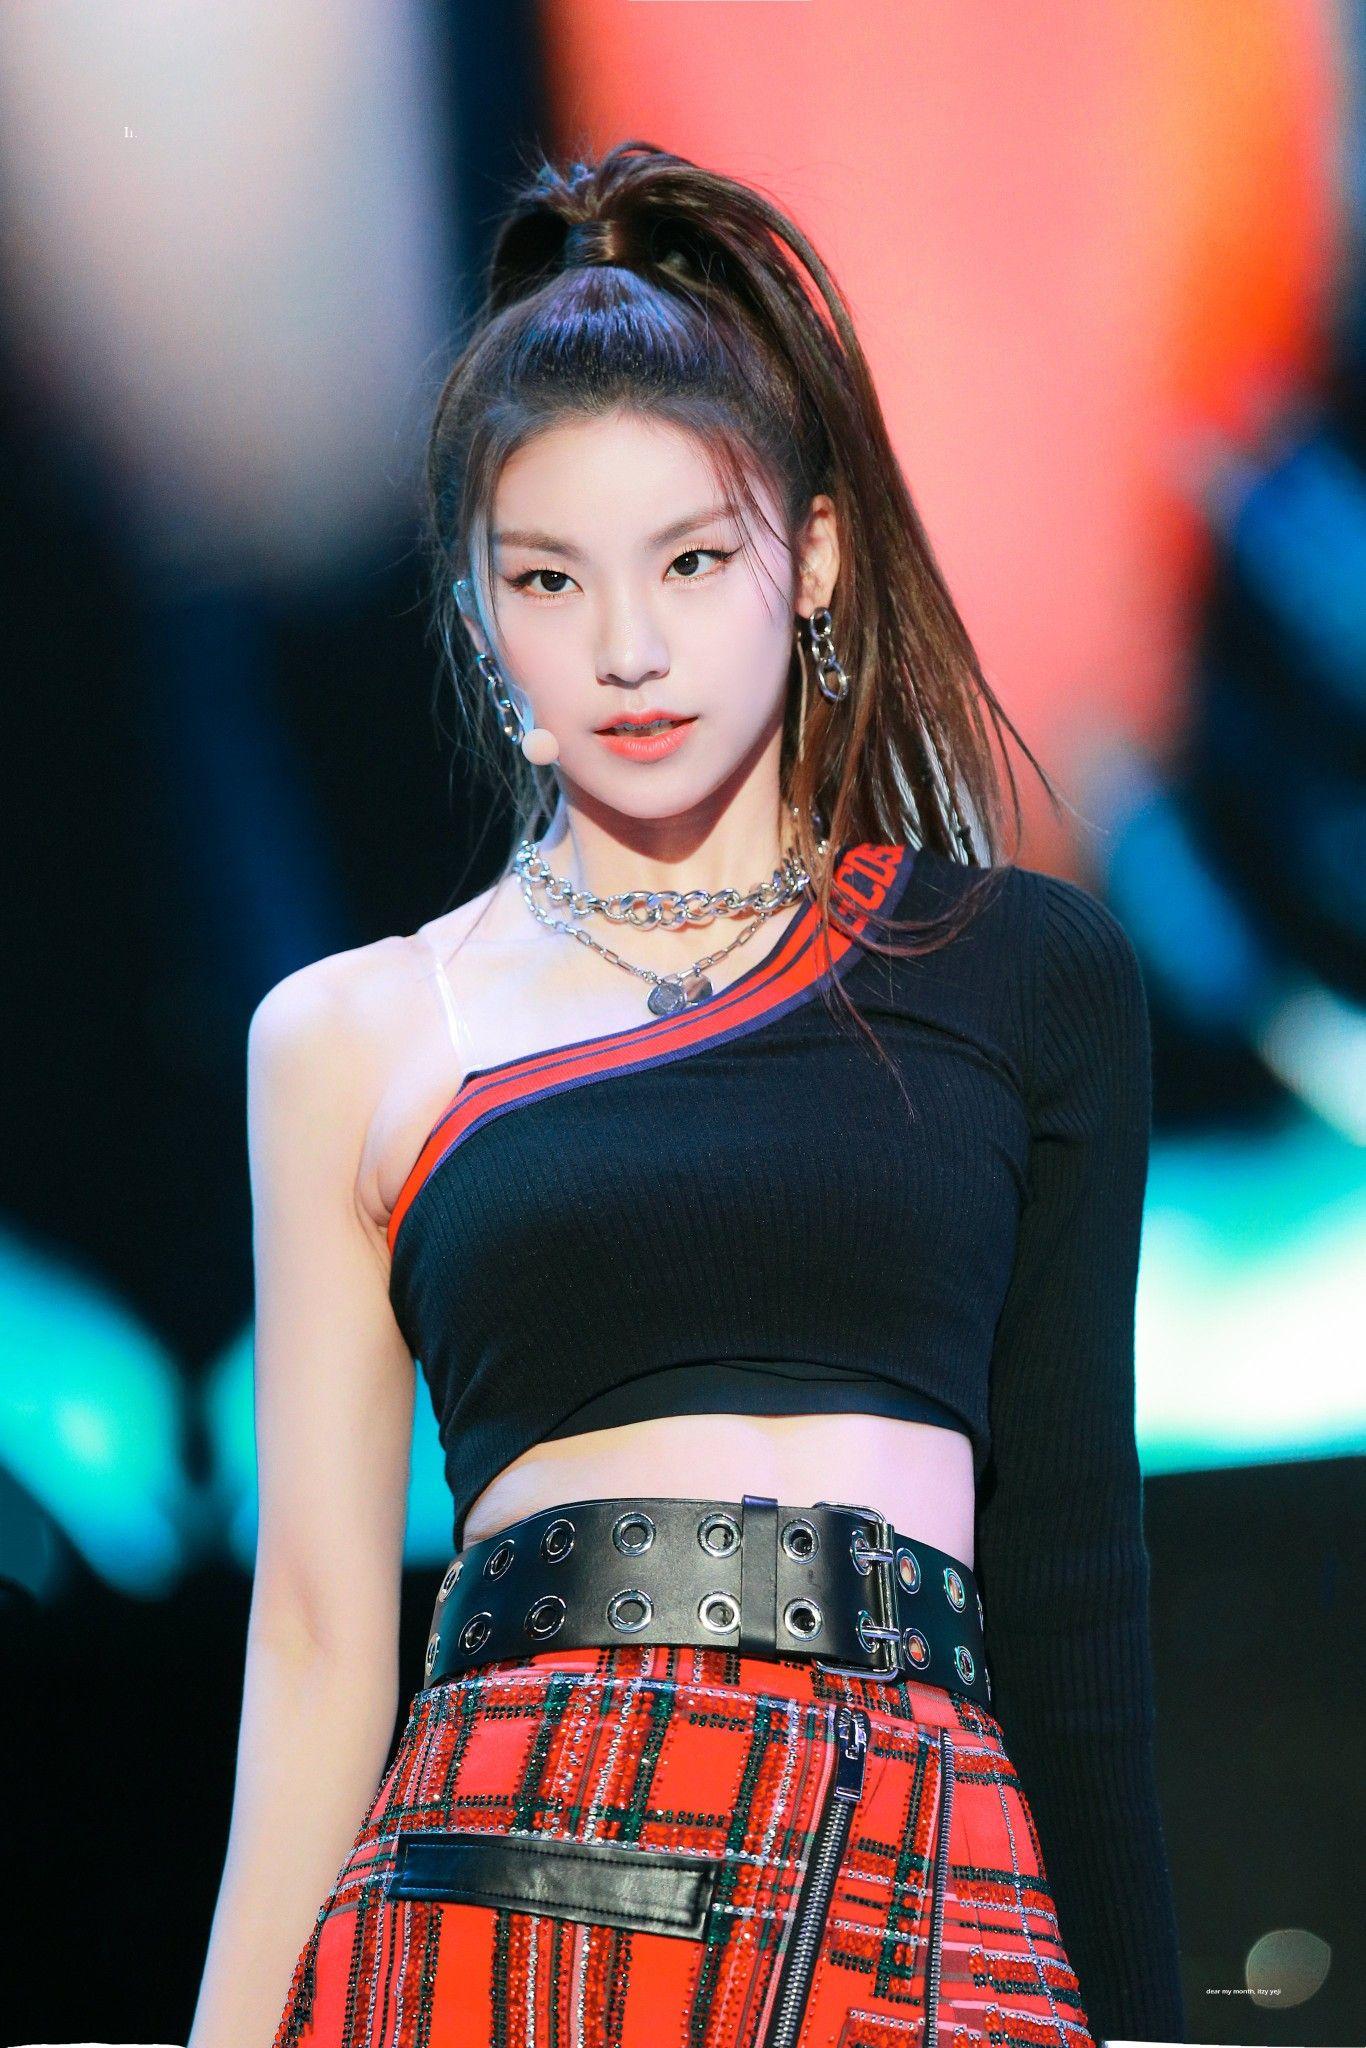 Itzy Yeji 200218 Mbn Y Forum Itzy Kpop Girls Girl